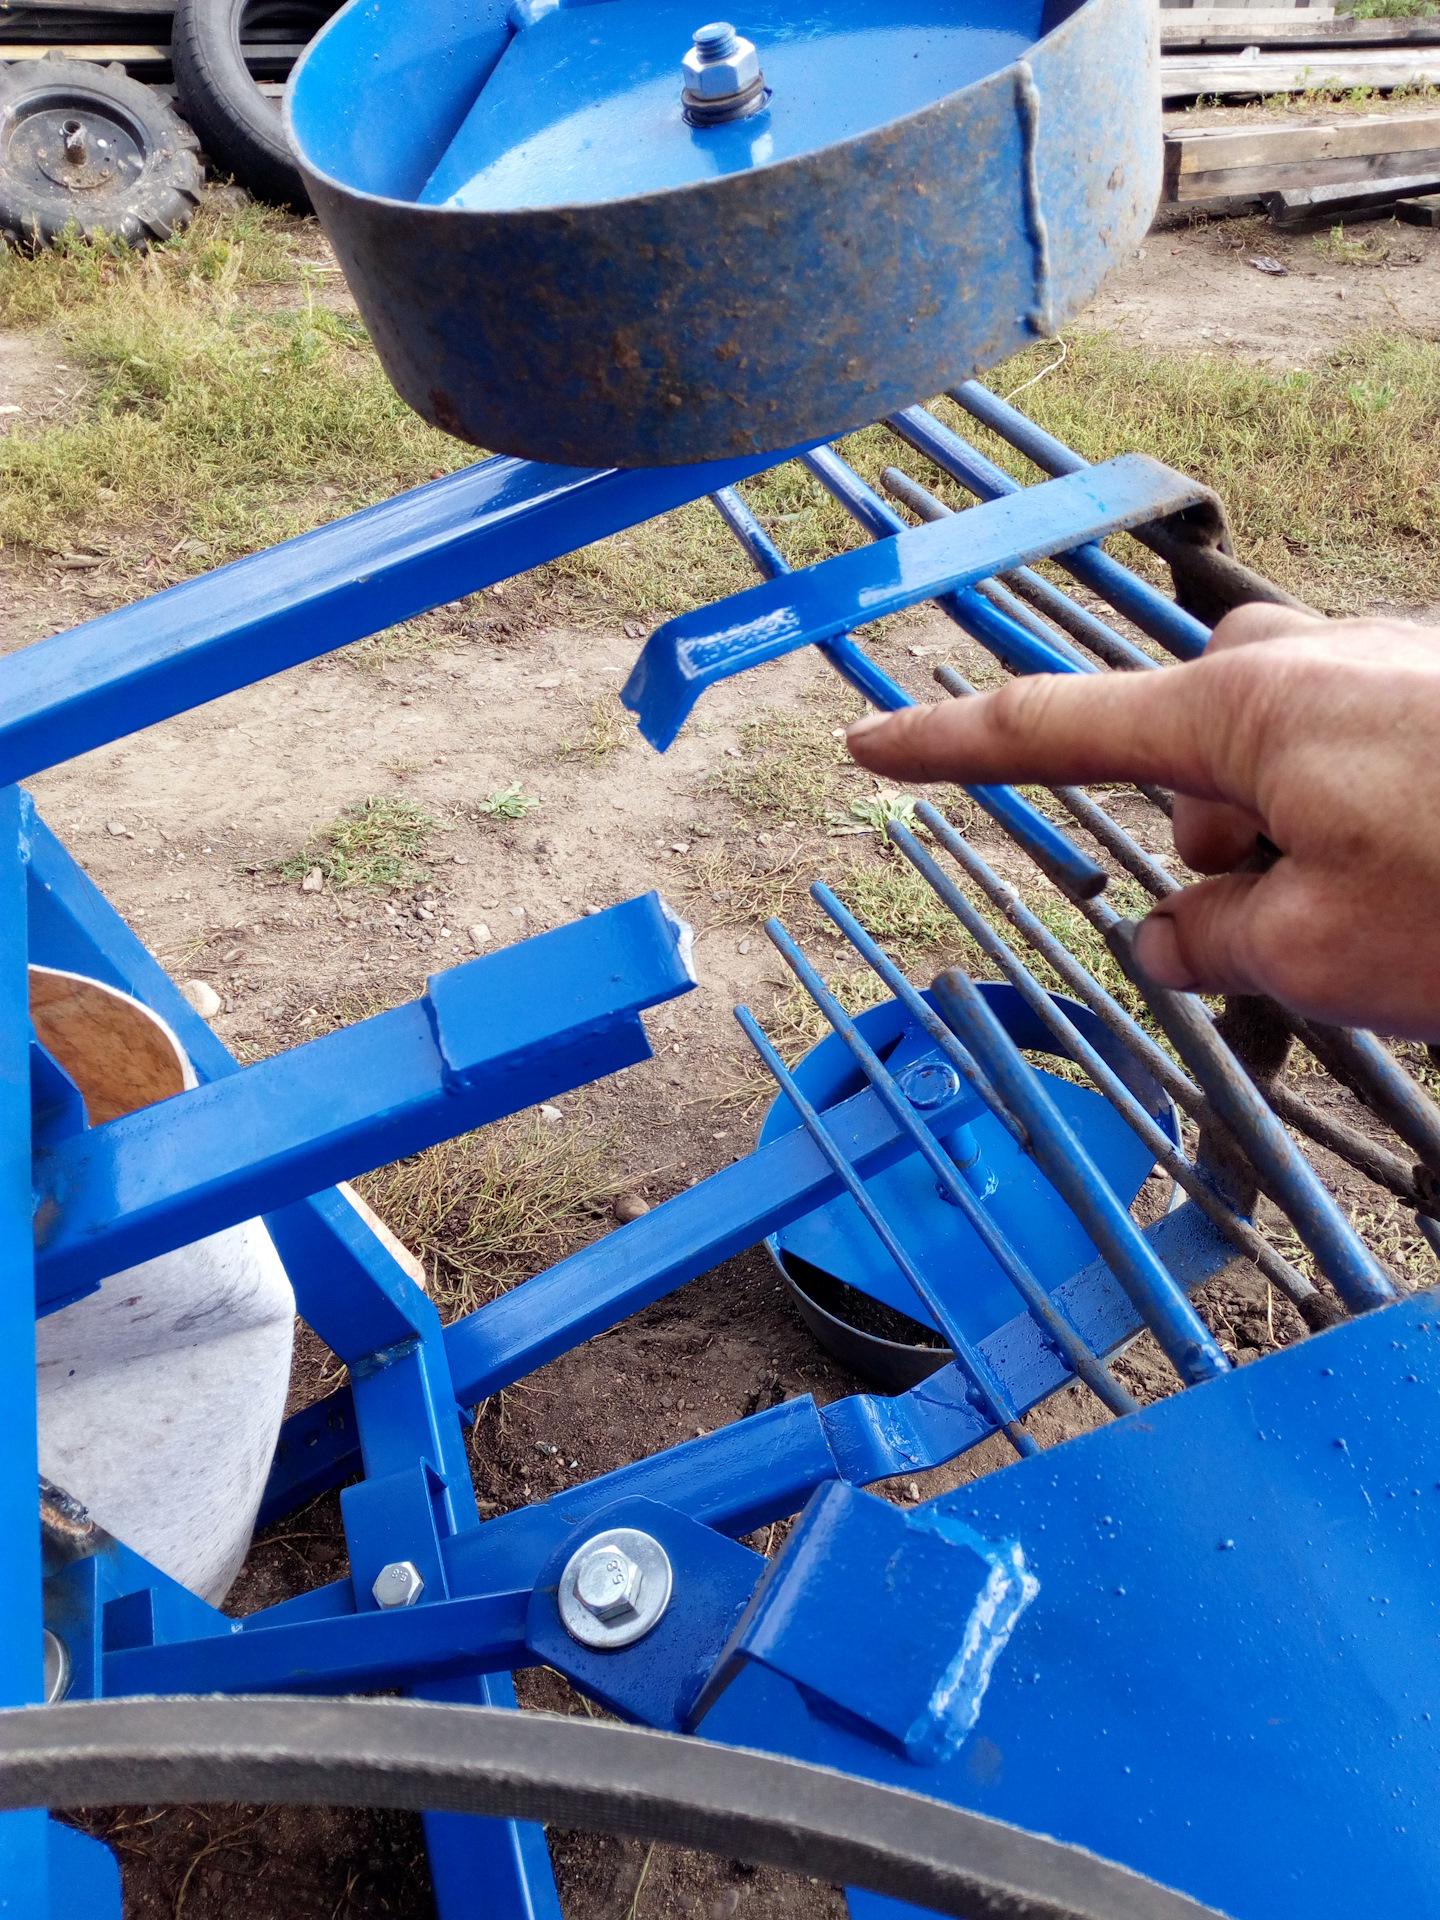 Картофелекопатель для мотоблоков своими руками